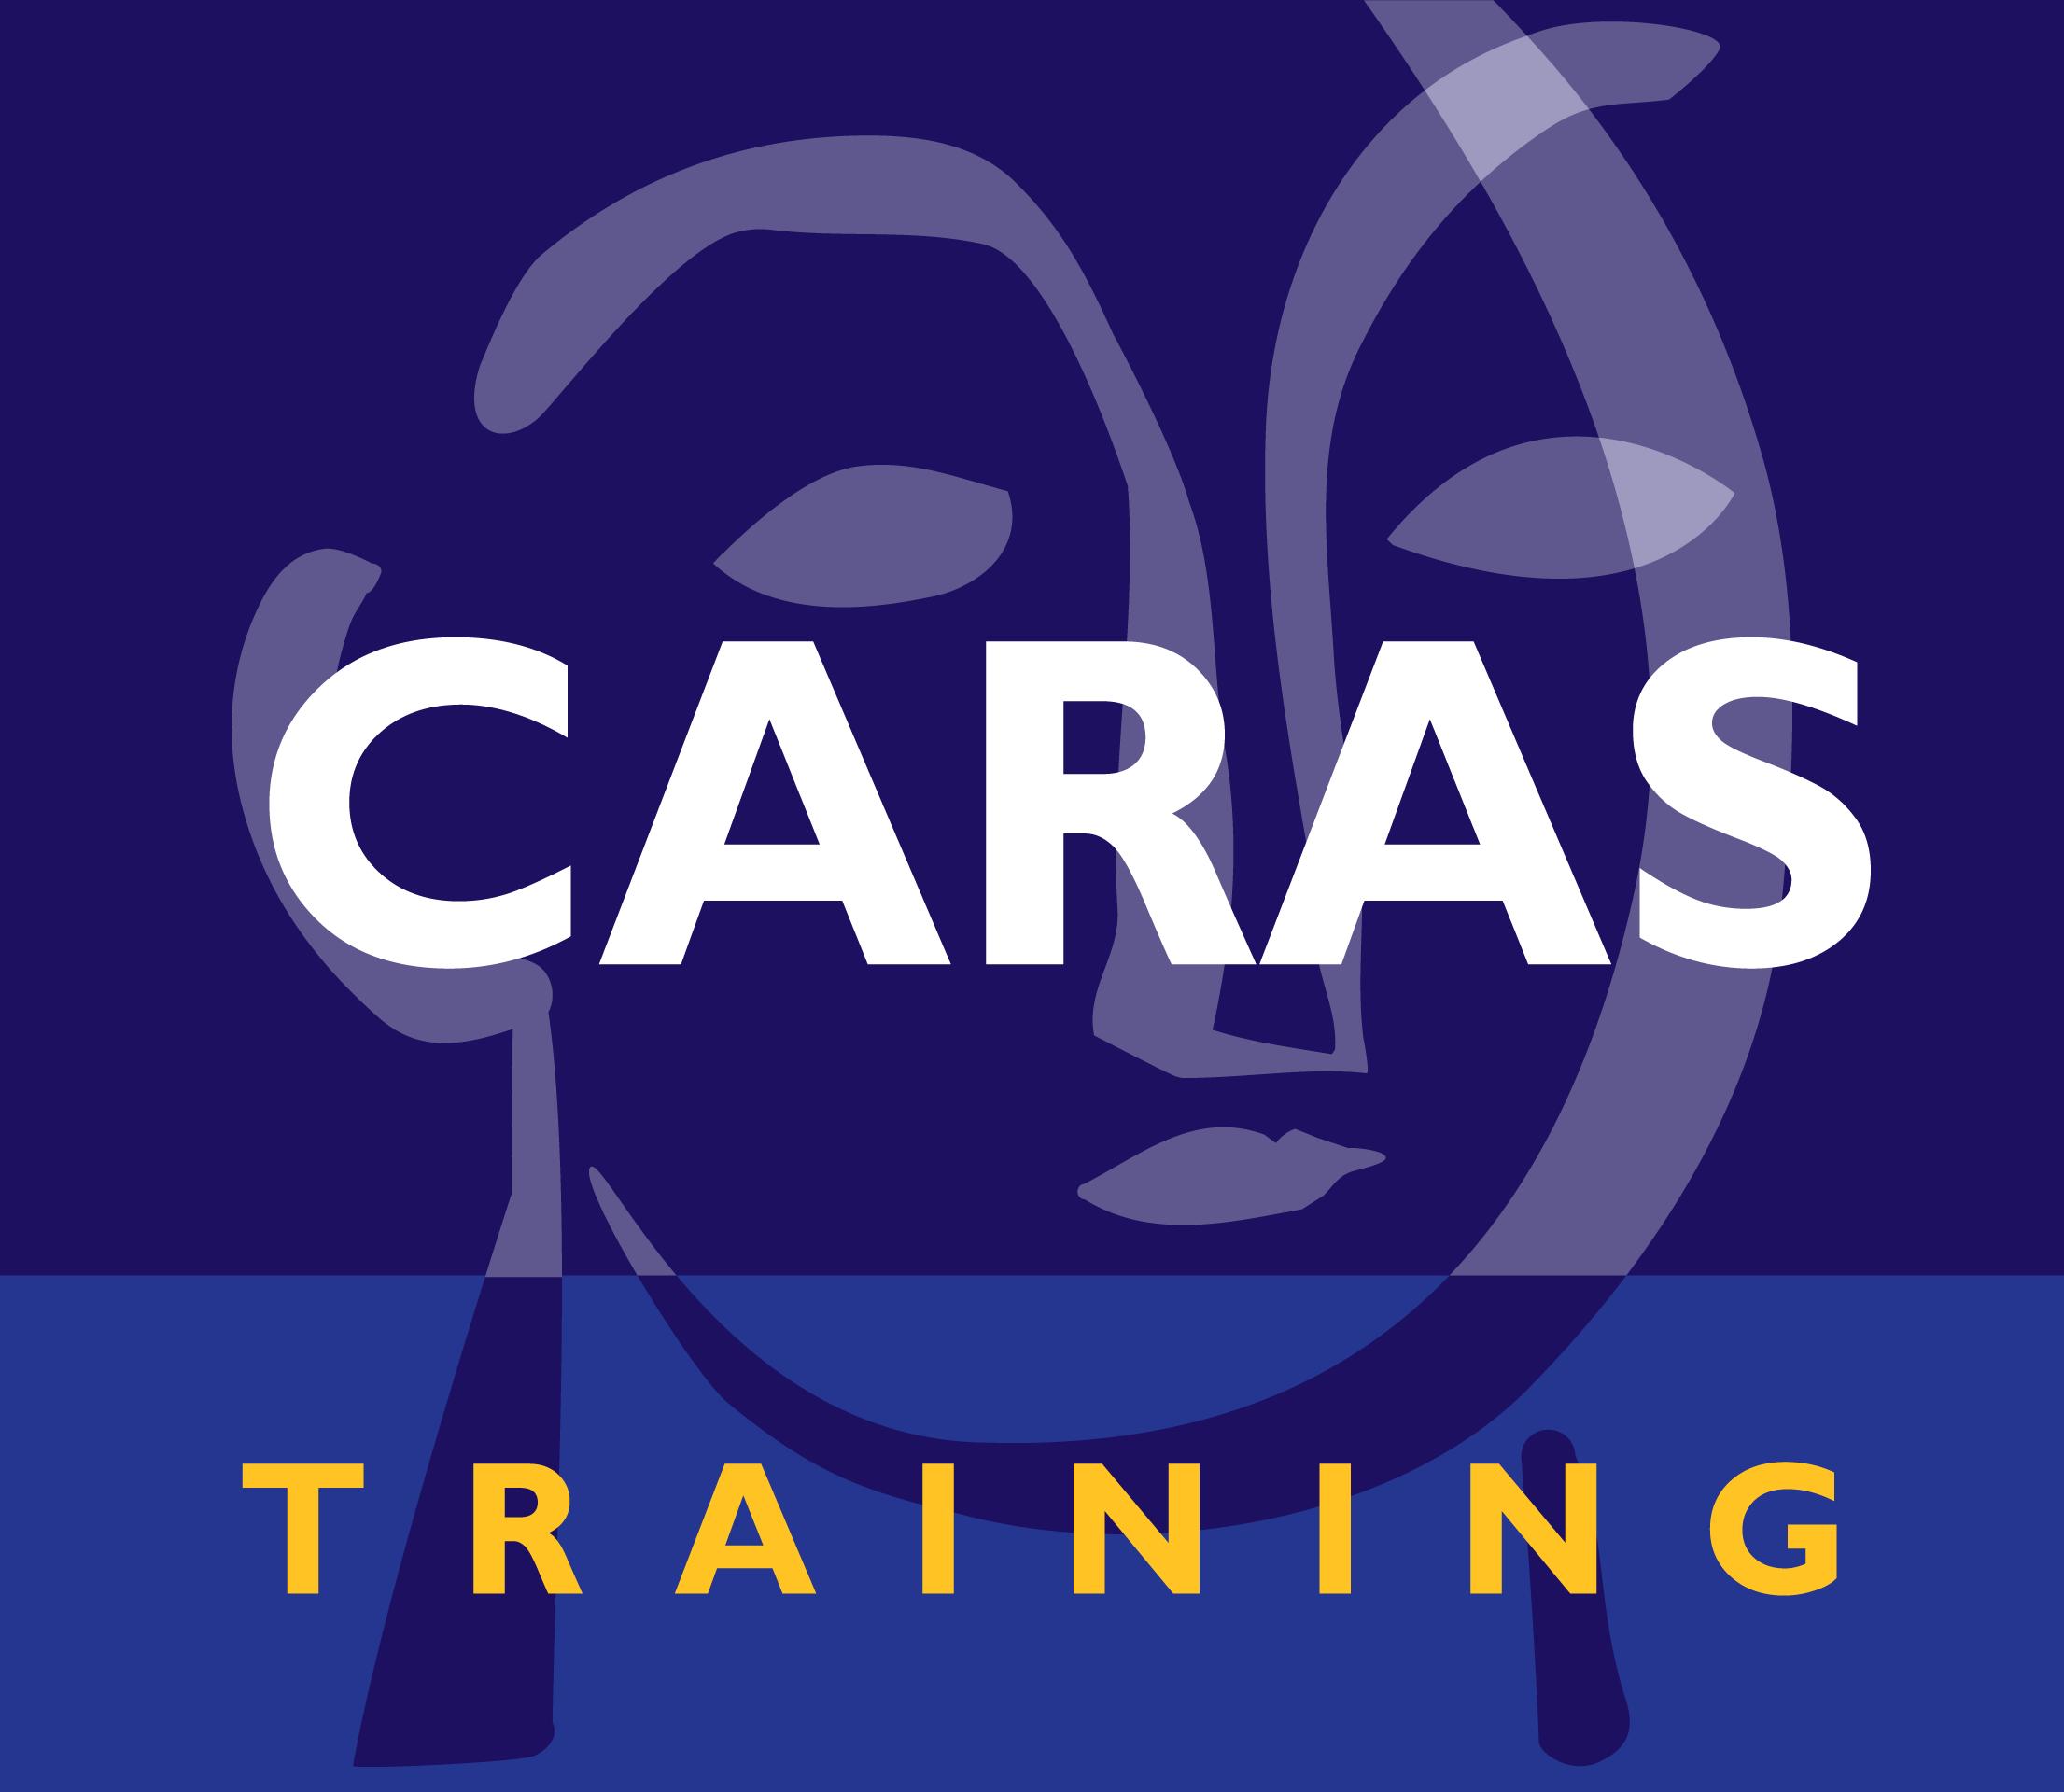 Caras Training home